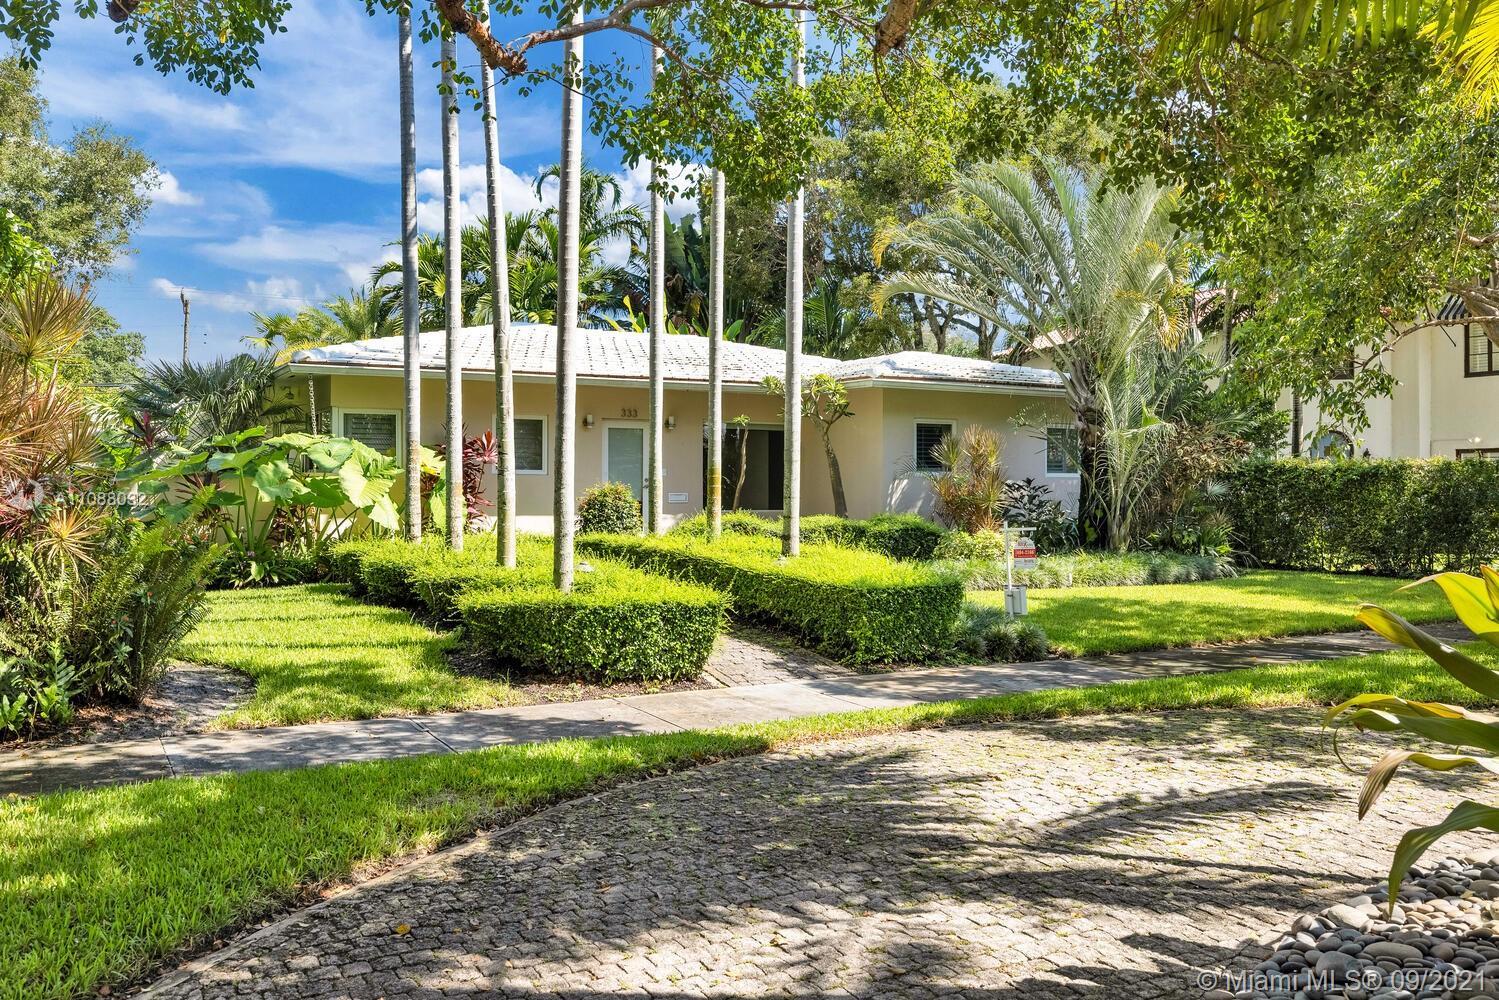 Miami Shores - 333 NE 91 St, Miami Shores, FL 33138